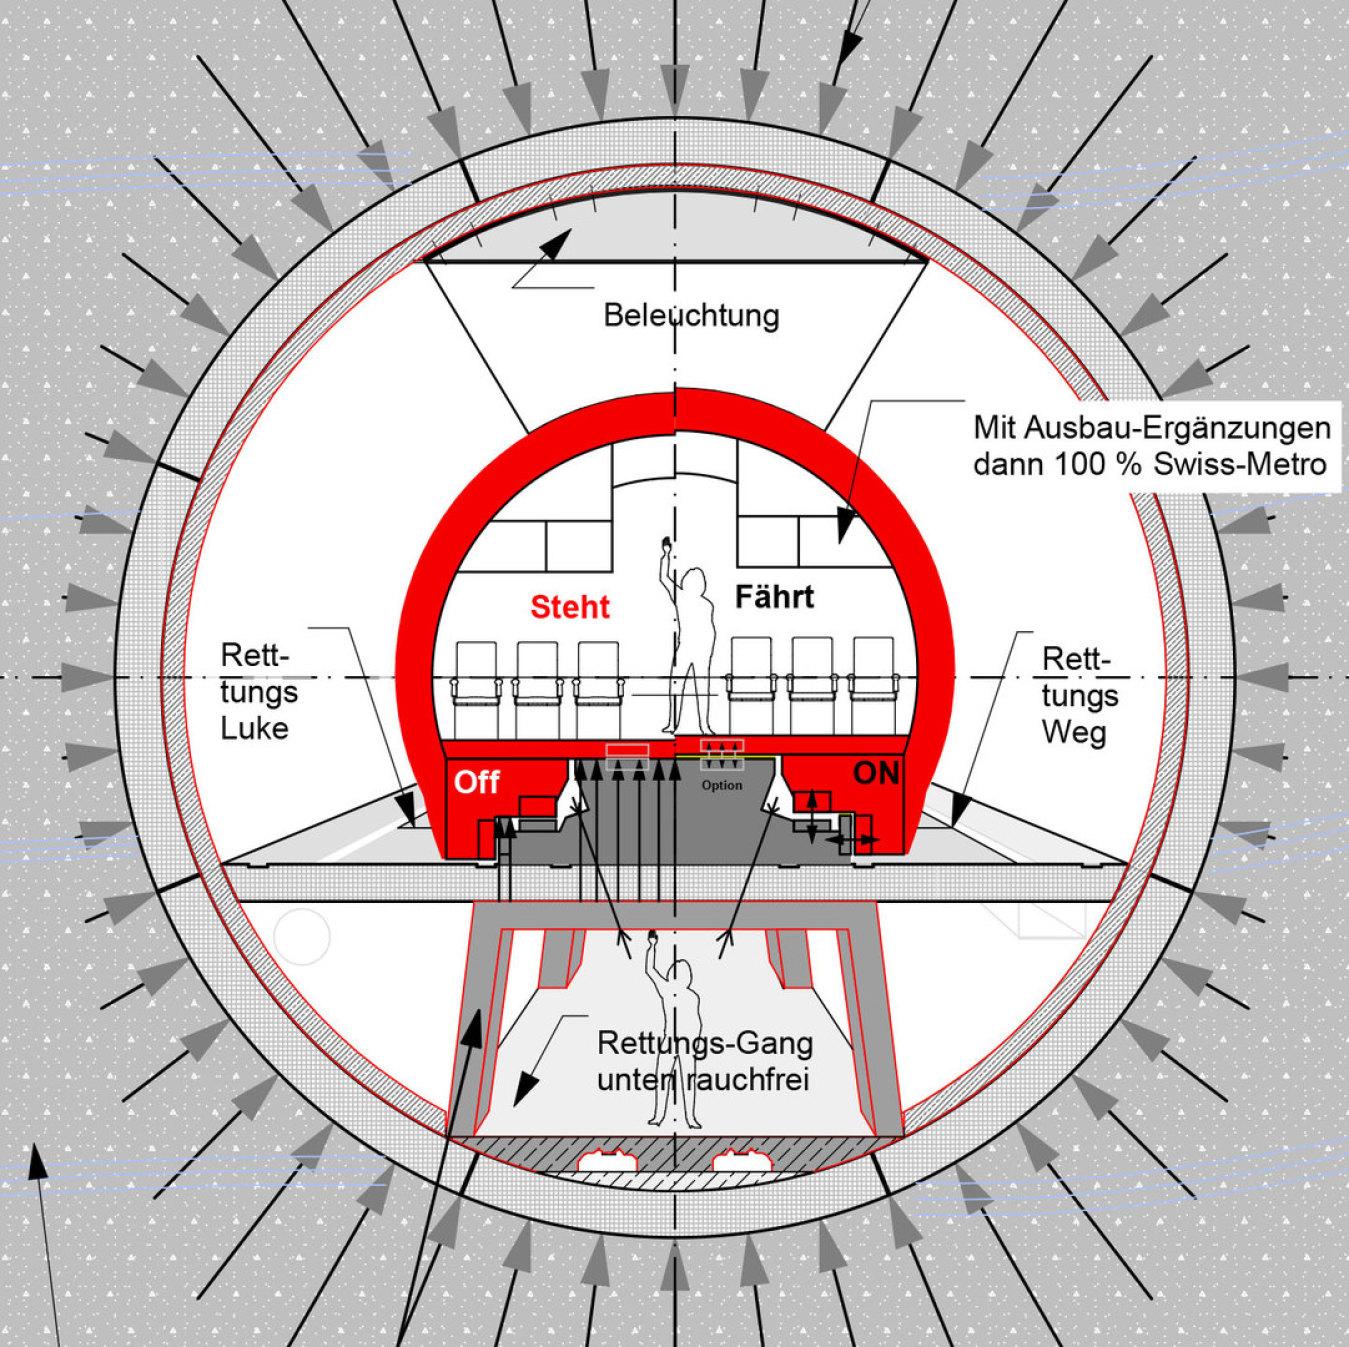 Vorschlag zu Tunnel und Kabine und Antrieb und Fahrspur von Swiss-Metro - 500 km/h Zug - Unterirdisch - Schweiz